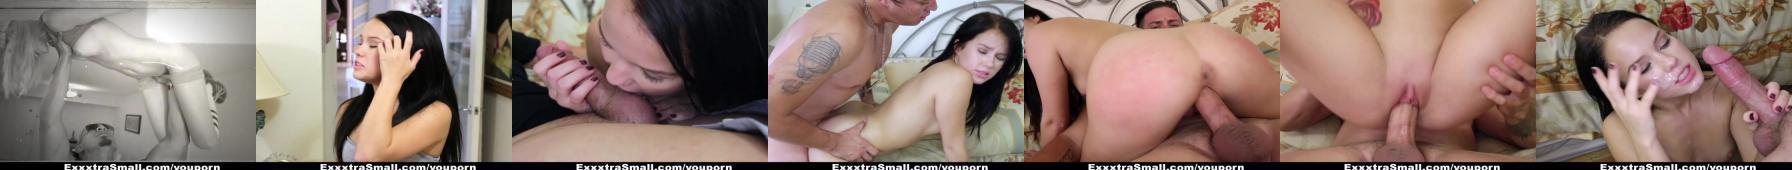 Mamuśki porno youporn